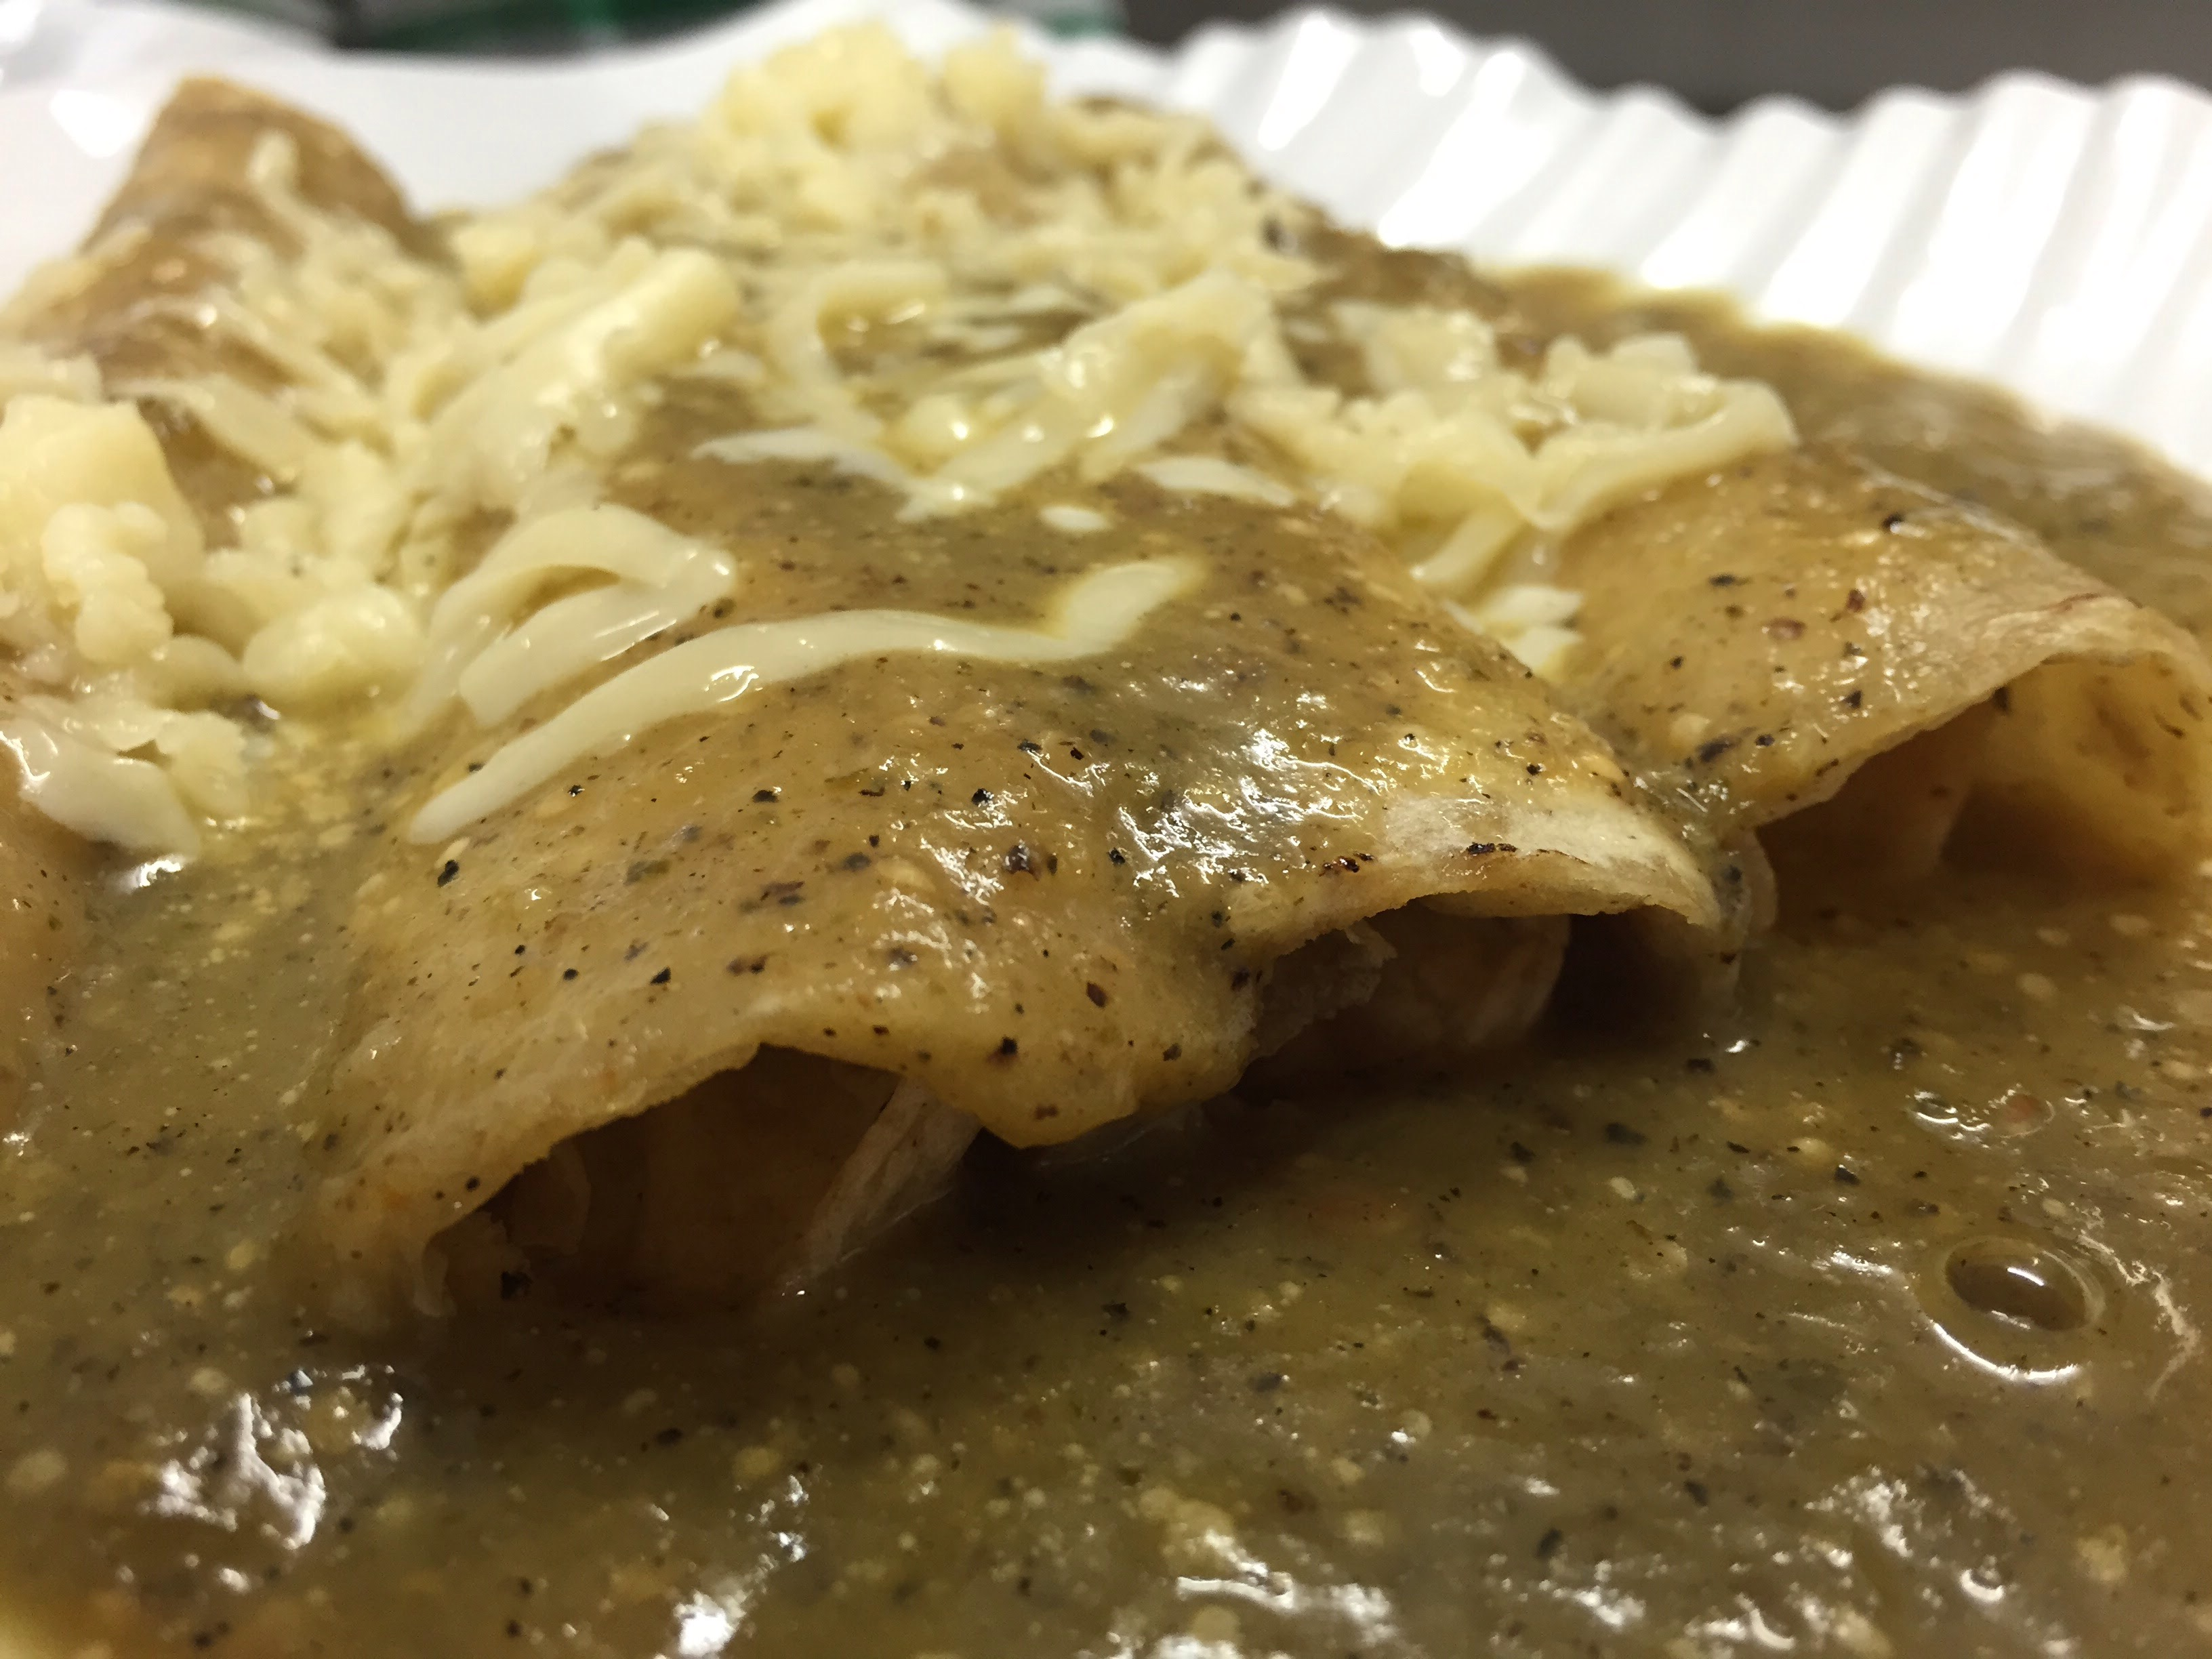 Enchilada de Queso, colazione o pranzo spetta a te la scelta Food and Beverage